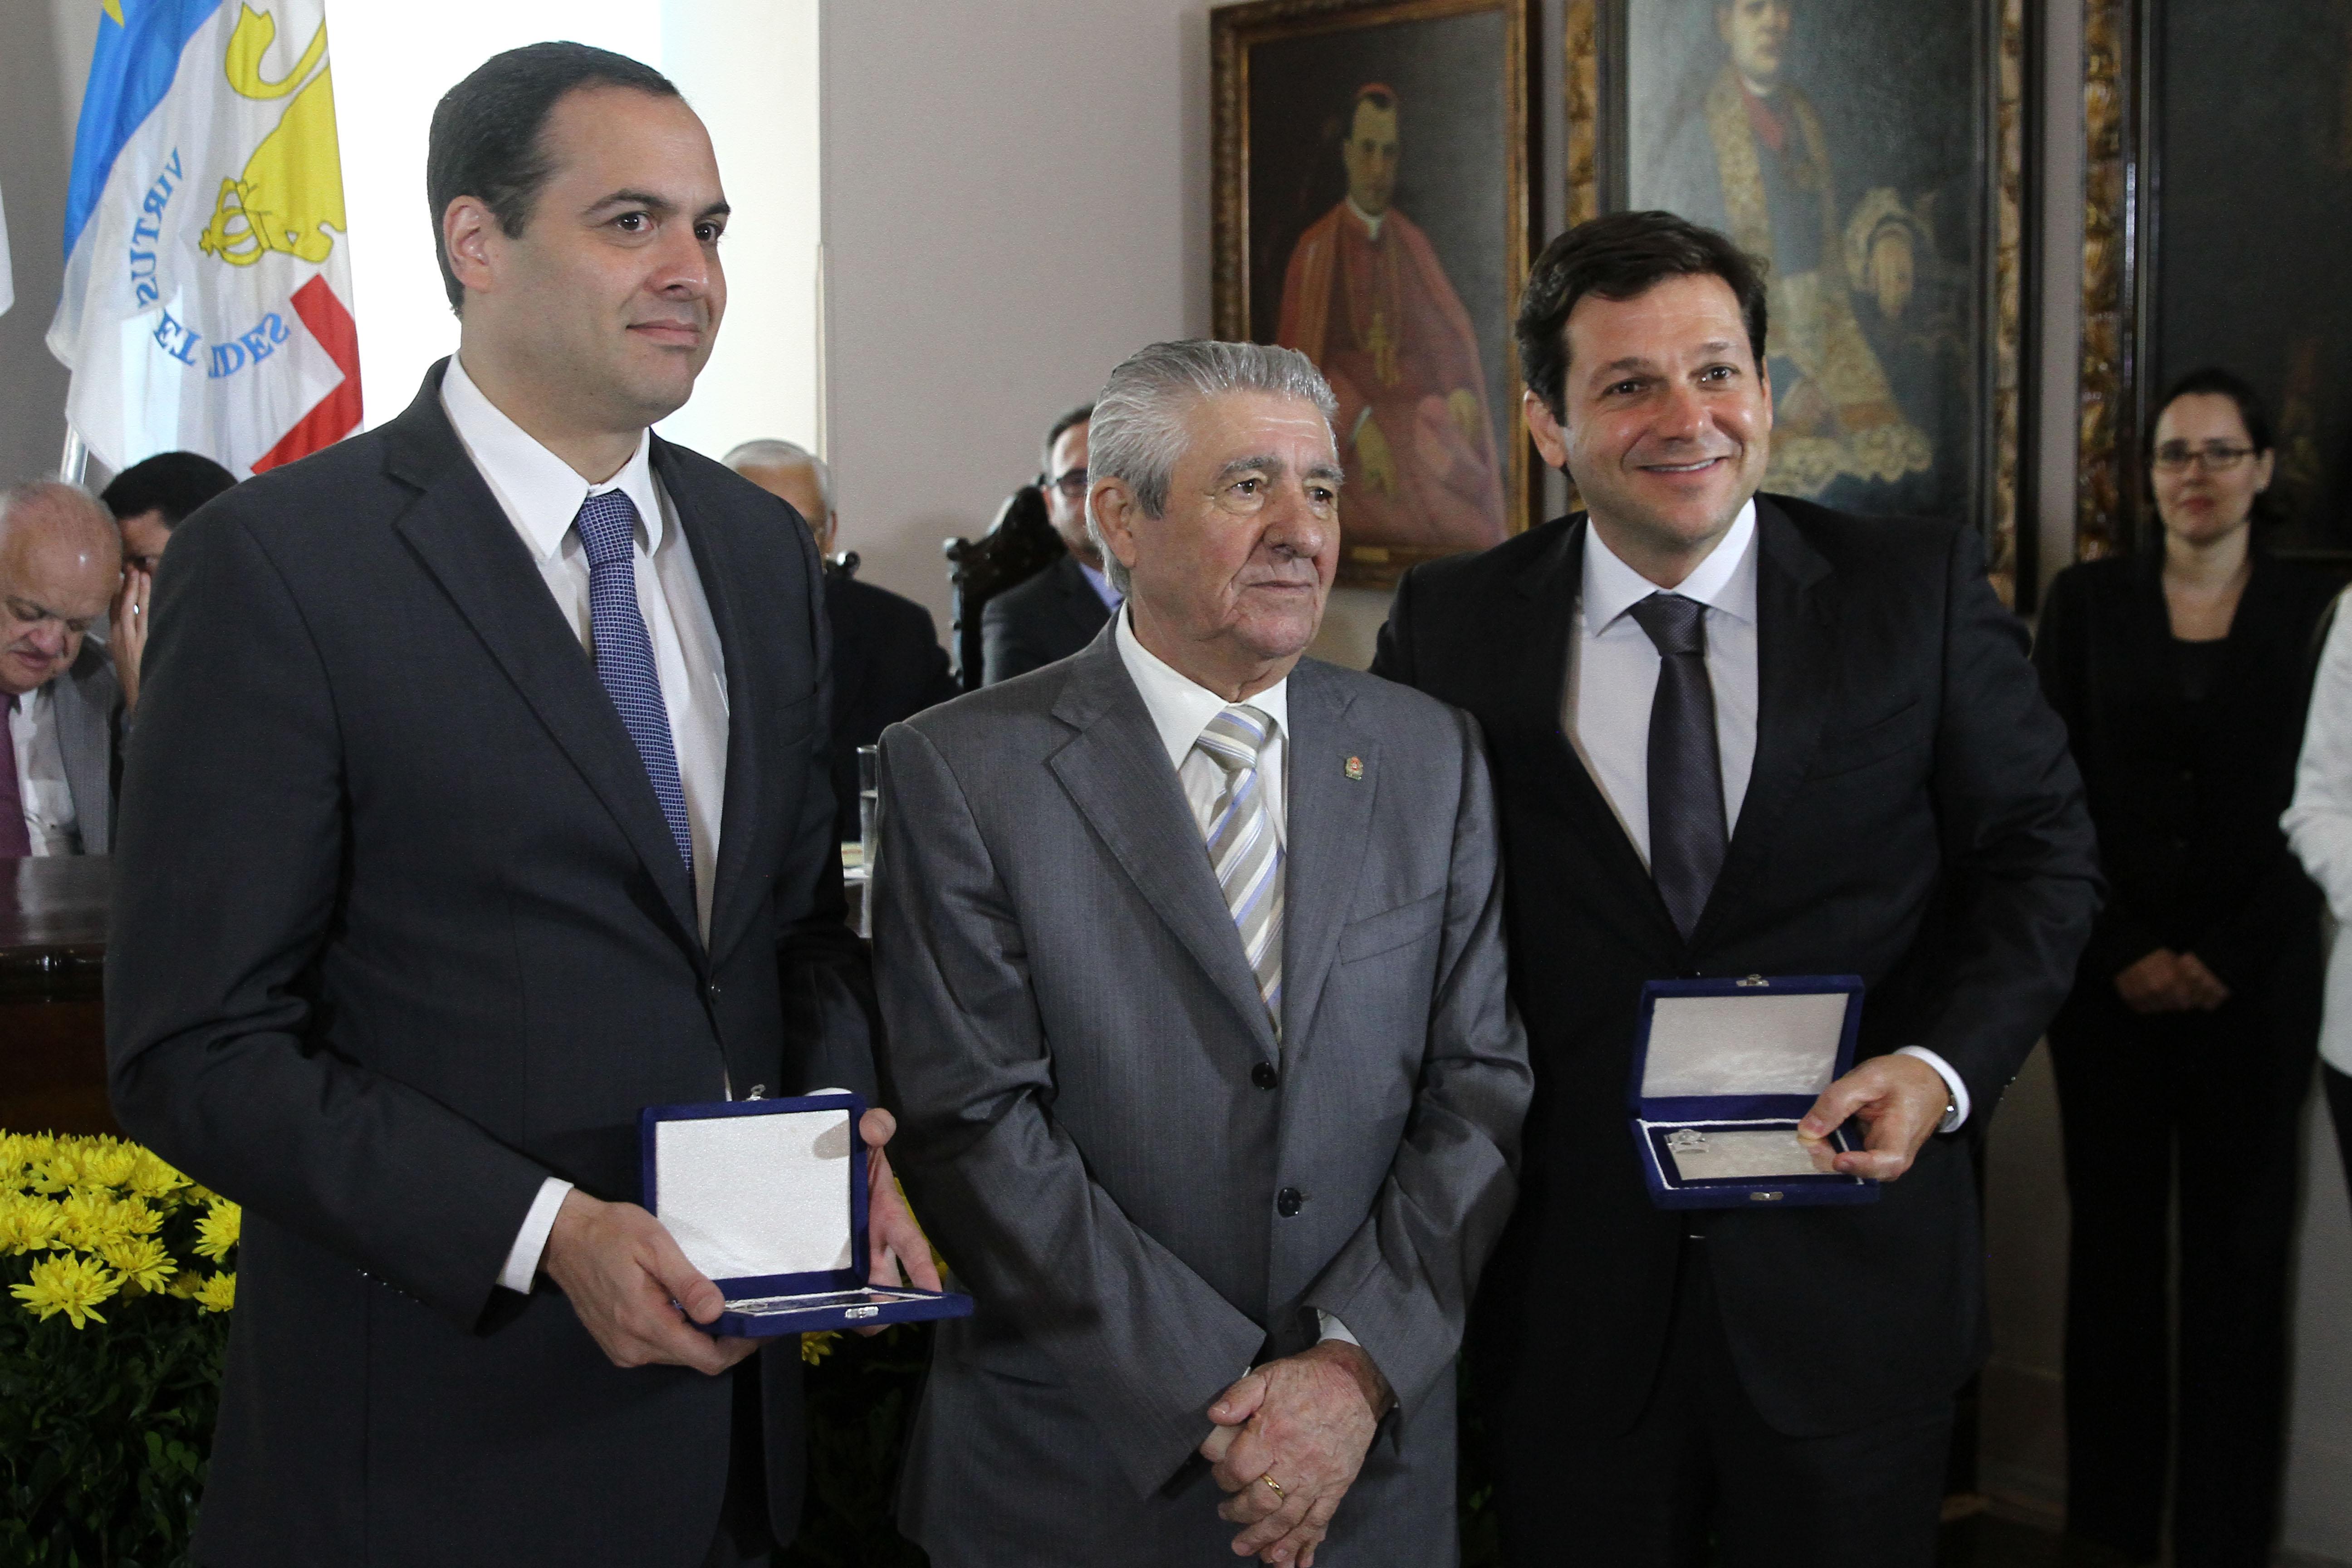 O governador Paulo Câmara, Alberto Ferreira Costa e o prefeito Geraldo Julio. Credito: Julio Jacobina/DP Gov.